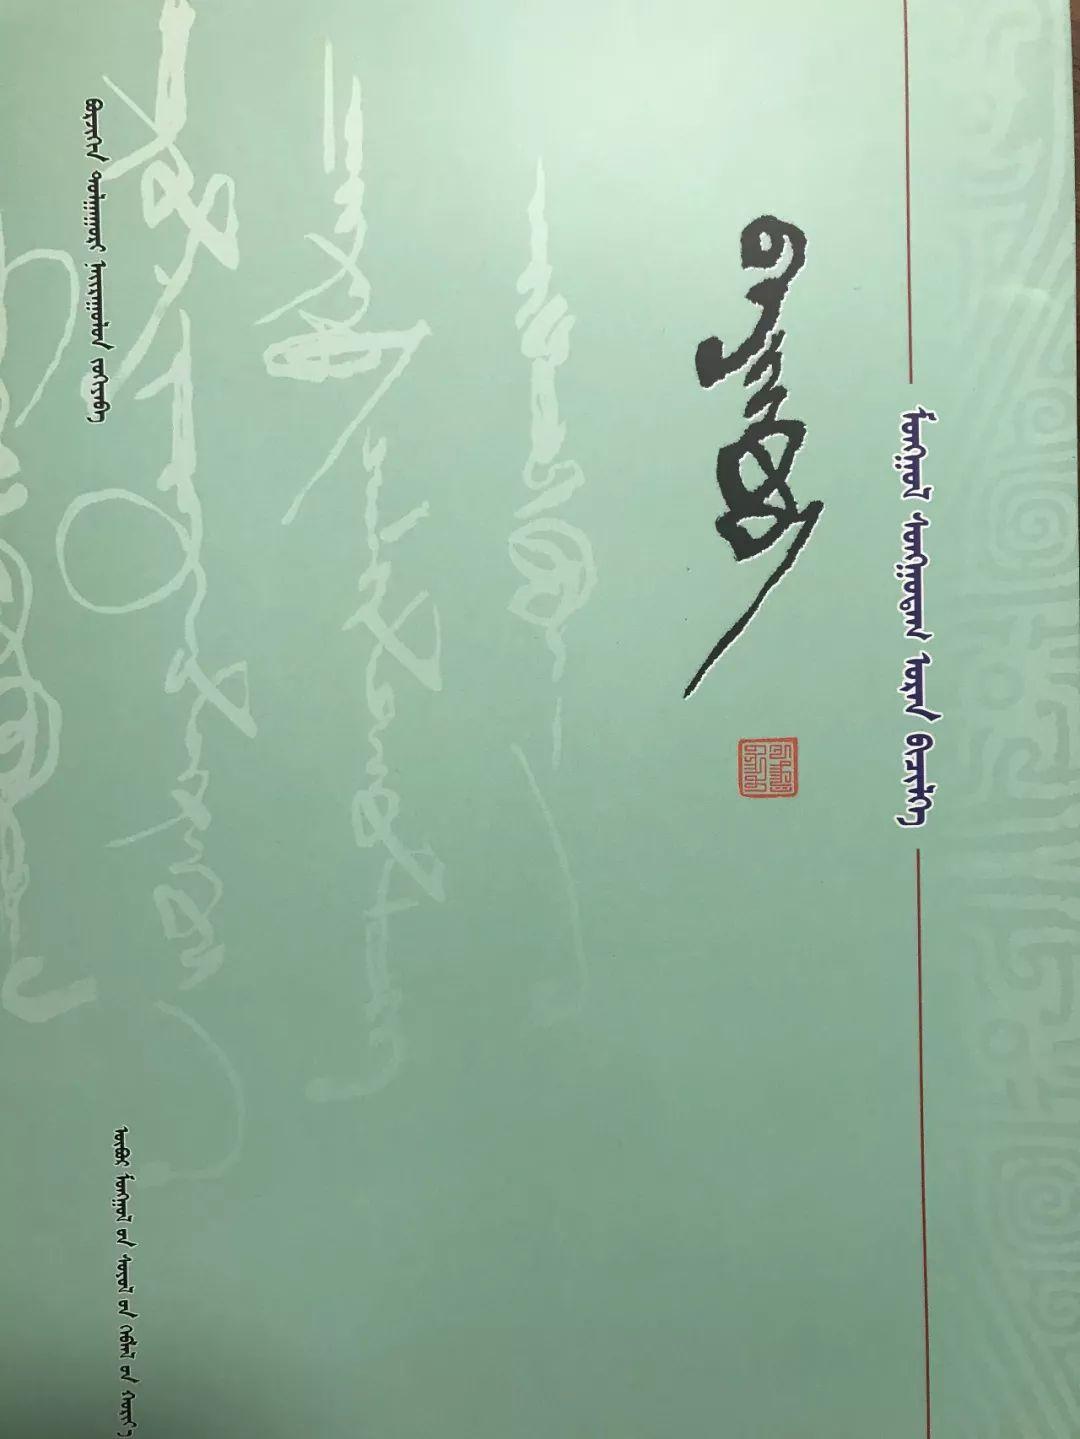 《蒙古文经典书法》在美丽呼伦贝尔首发 第5张 《蒙古文经典书法》在美丽呼伦贝尔首发 蒙古书法